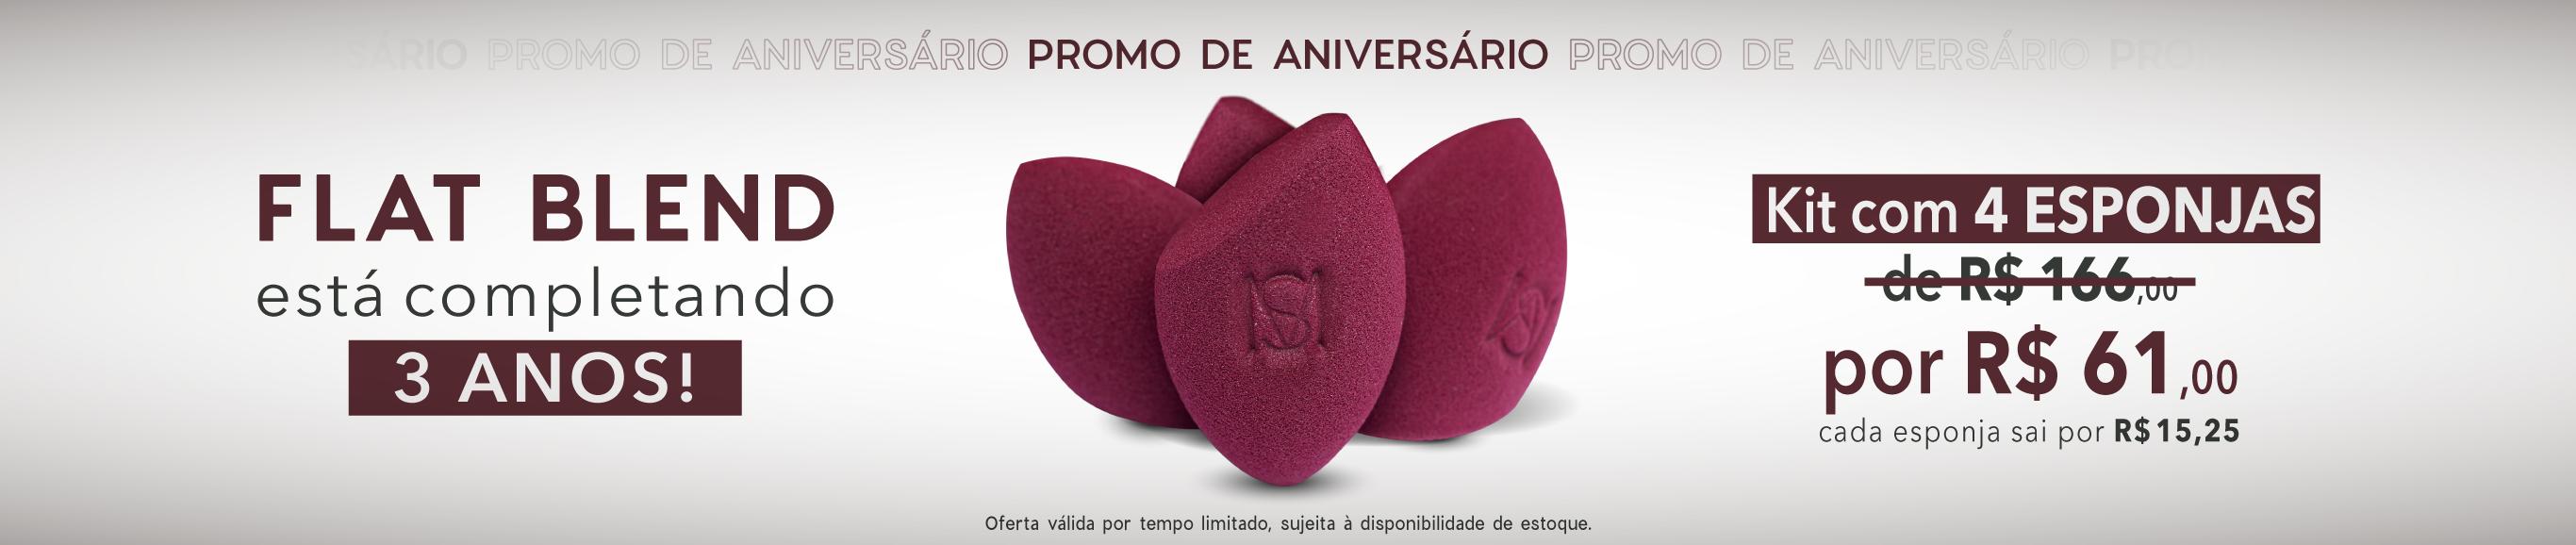 banner promoção aniversário flat blend com  três esponjas de maquiagem flat blend marsala mariana saad by océane